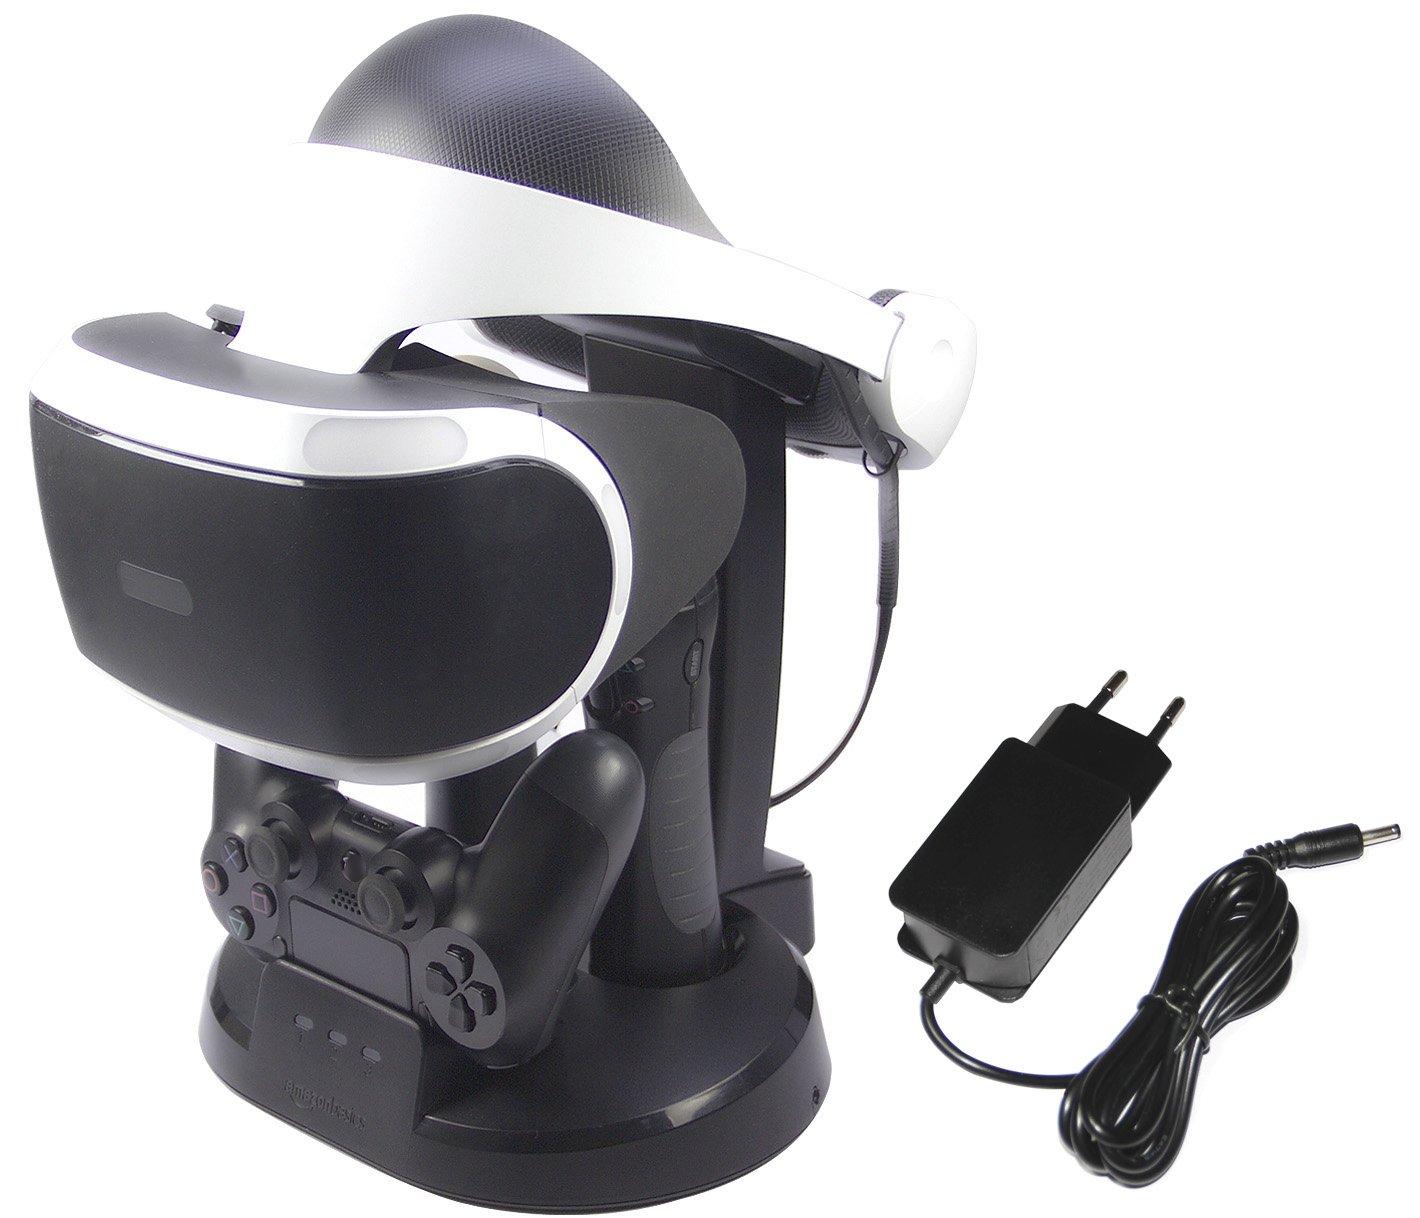 AmazonBasics – Estación de carga y expositor para PlayStation VR, Negro (Para CECH-ZCM1x series PS Move Motion Controller )